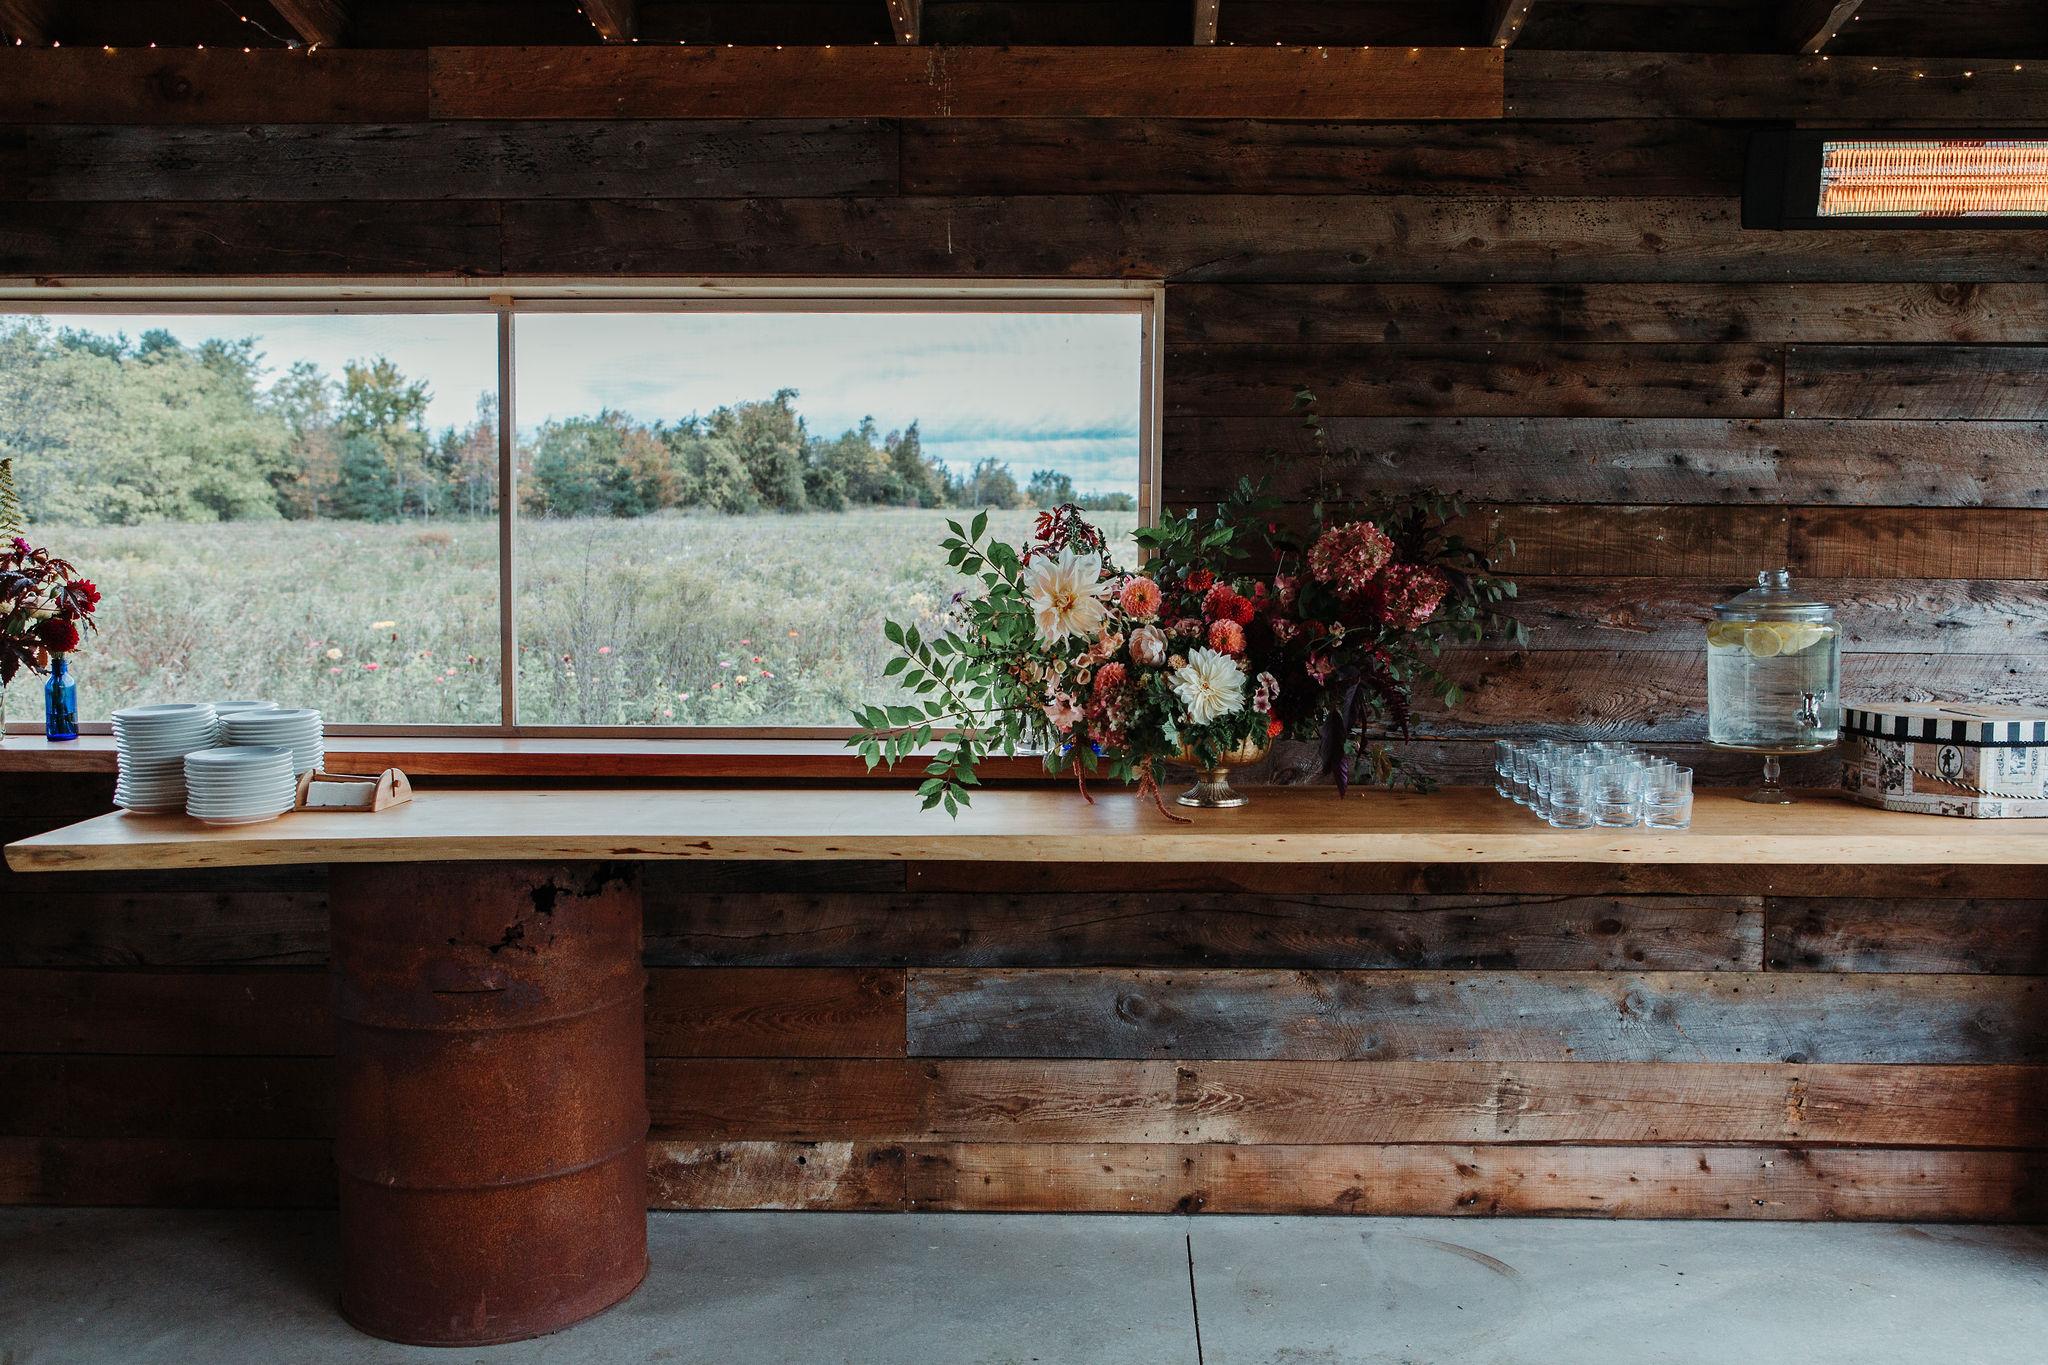 Autumn focal arrangement at 100 Acre Wood